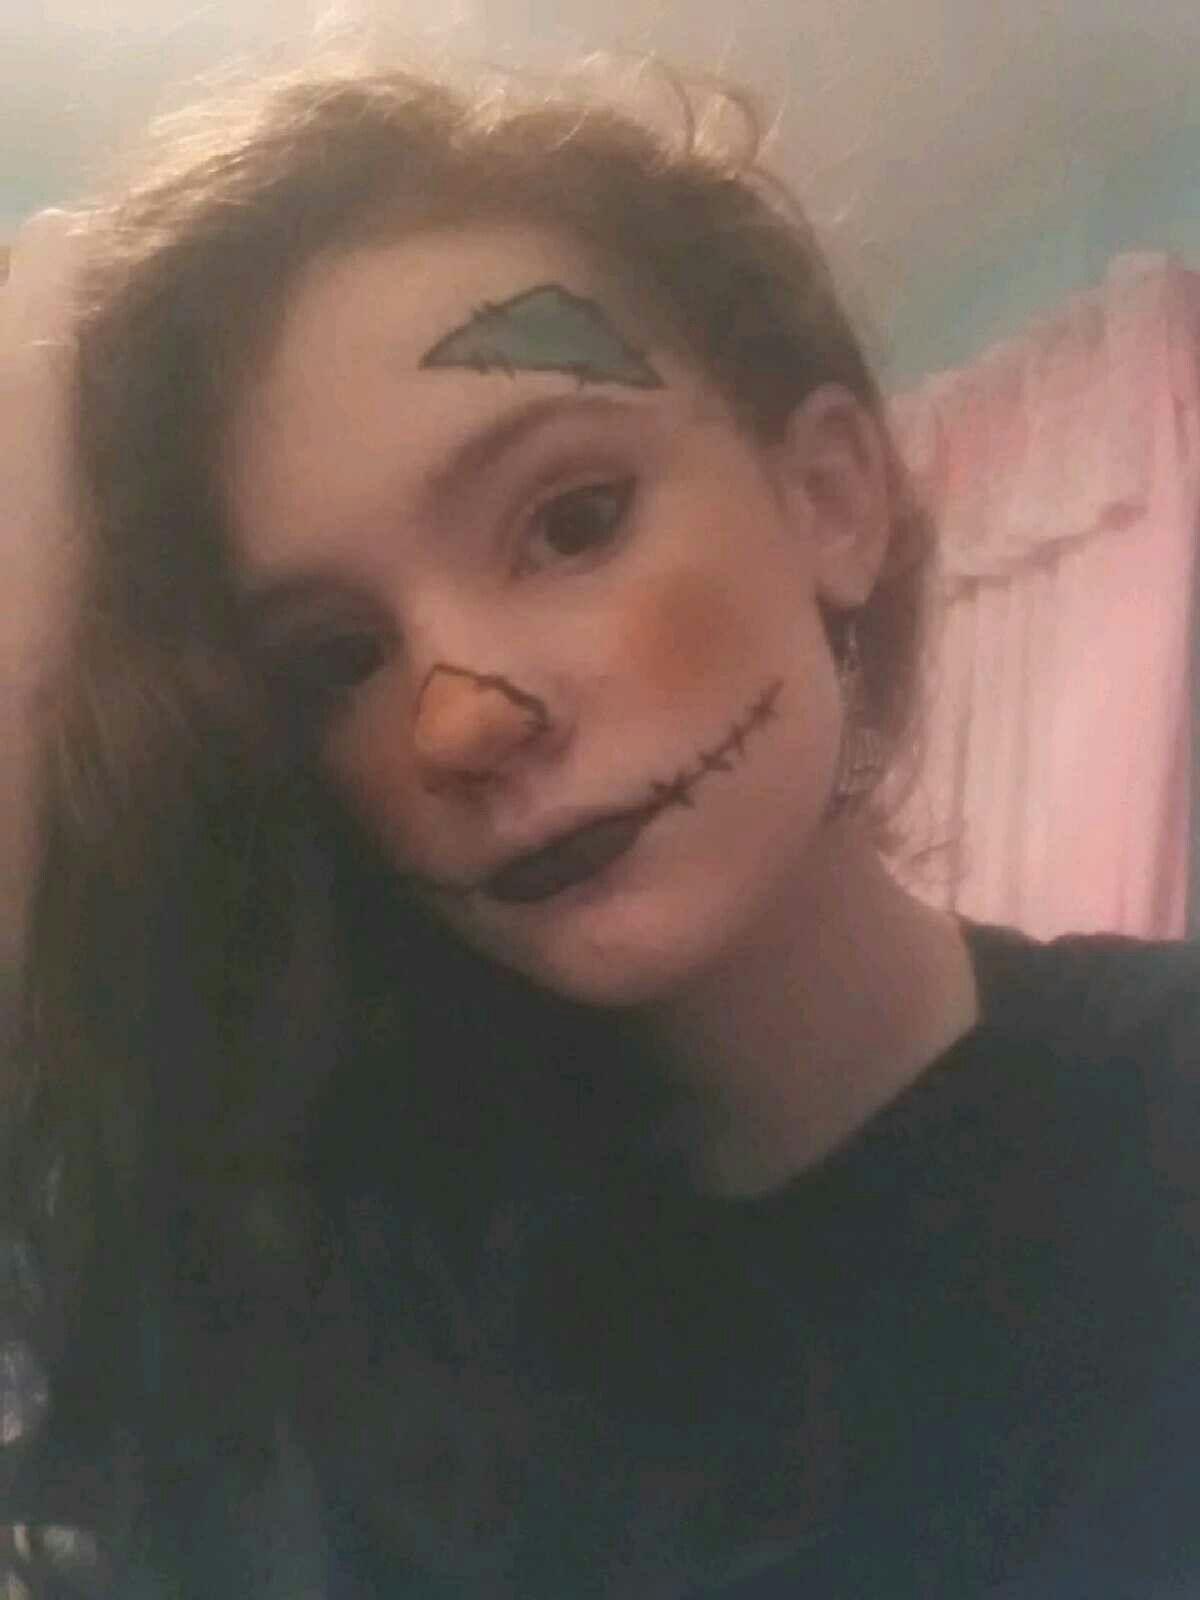 Scarecrow makeup #scarecrowmakeup